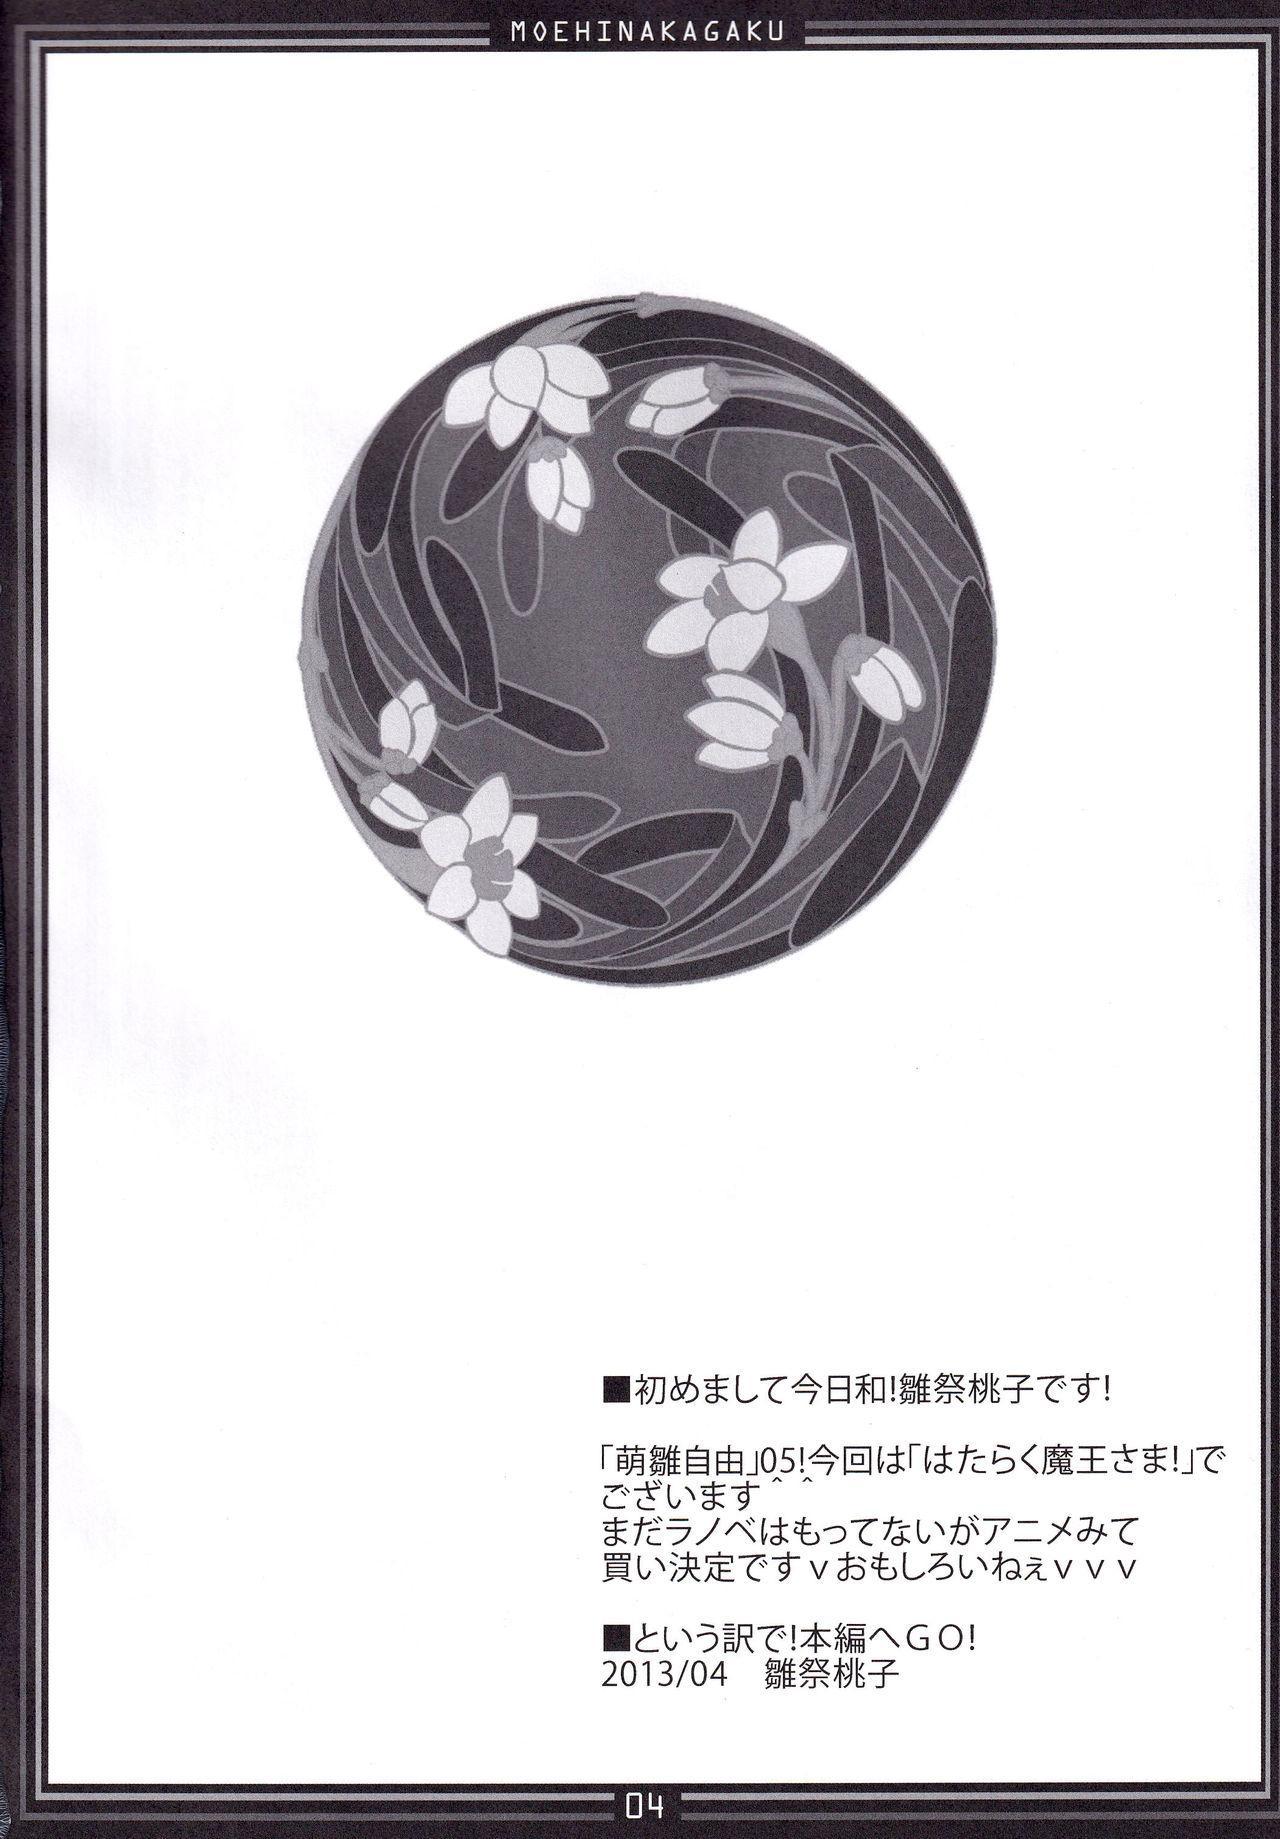 Moehina Jiyuu vol: 05 - Moehina Freedom 2